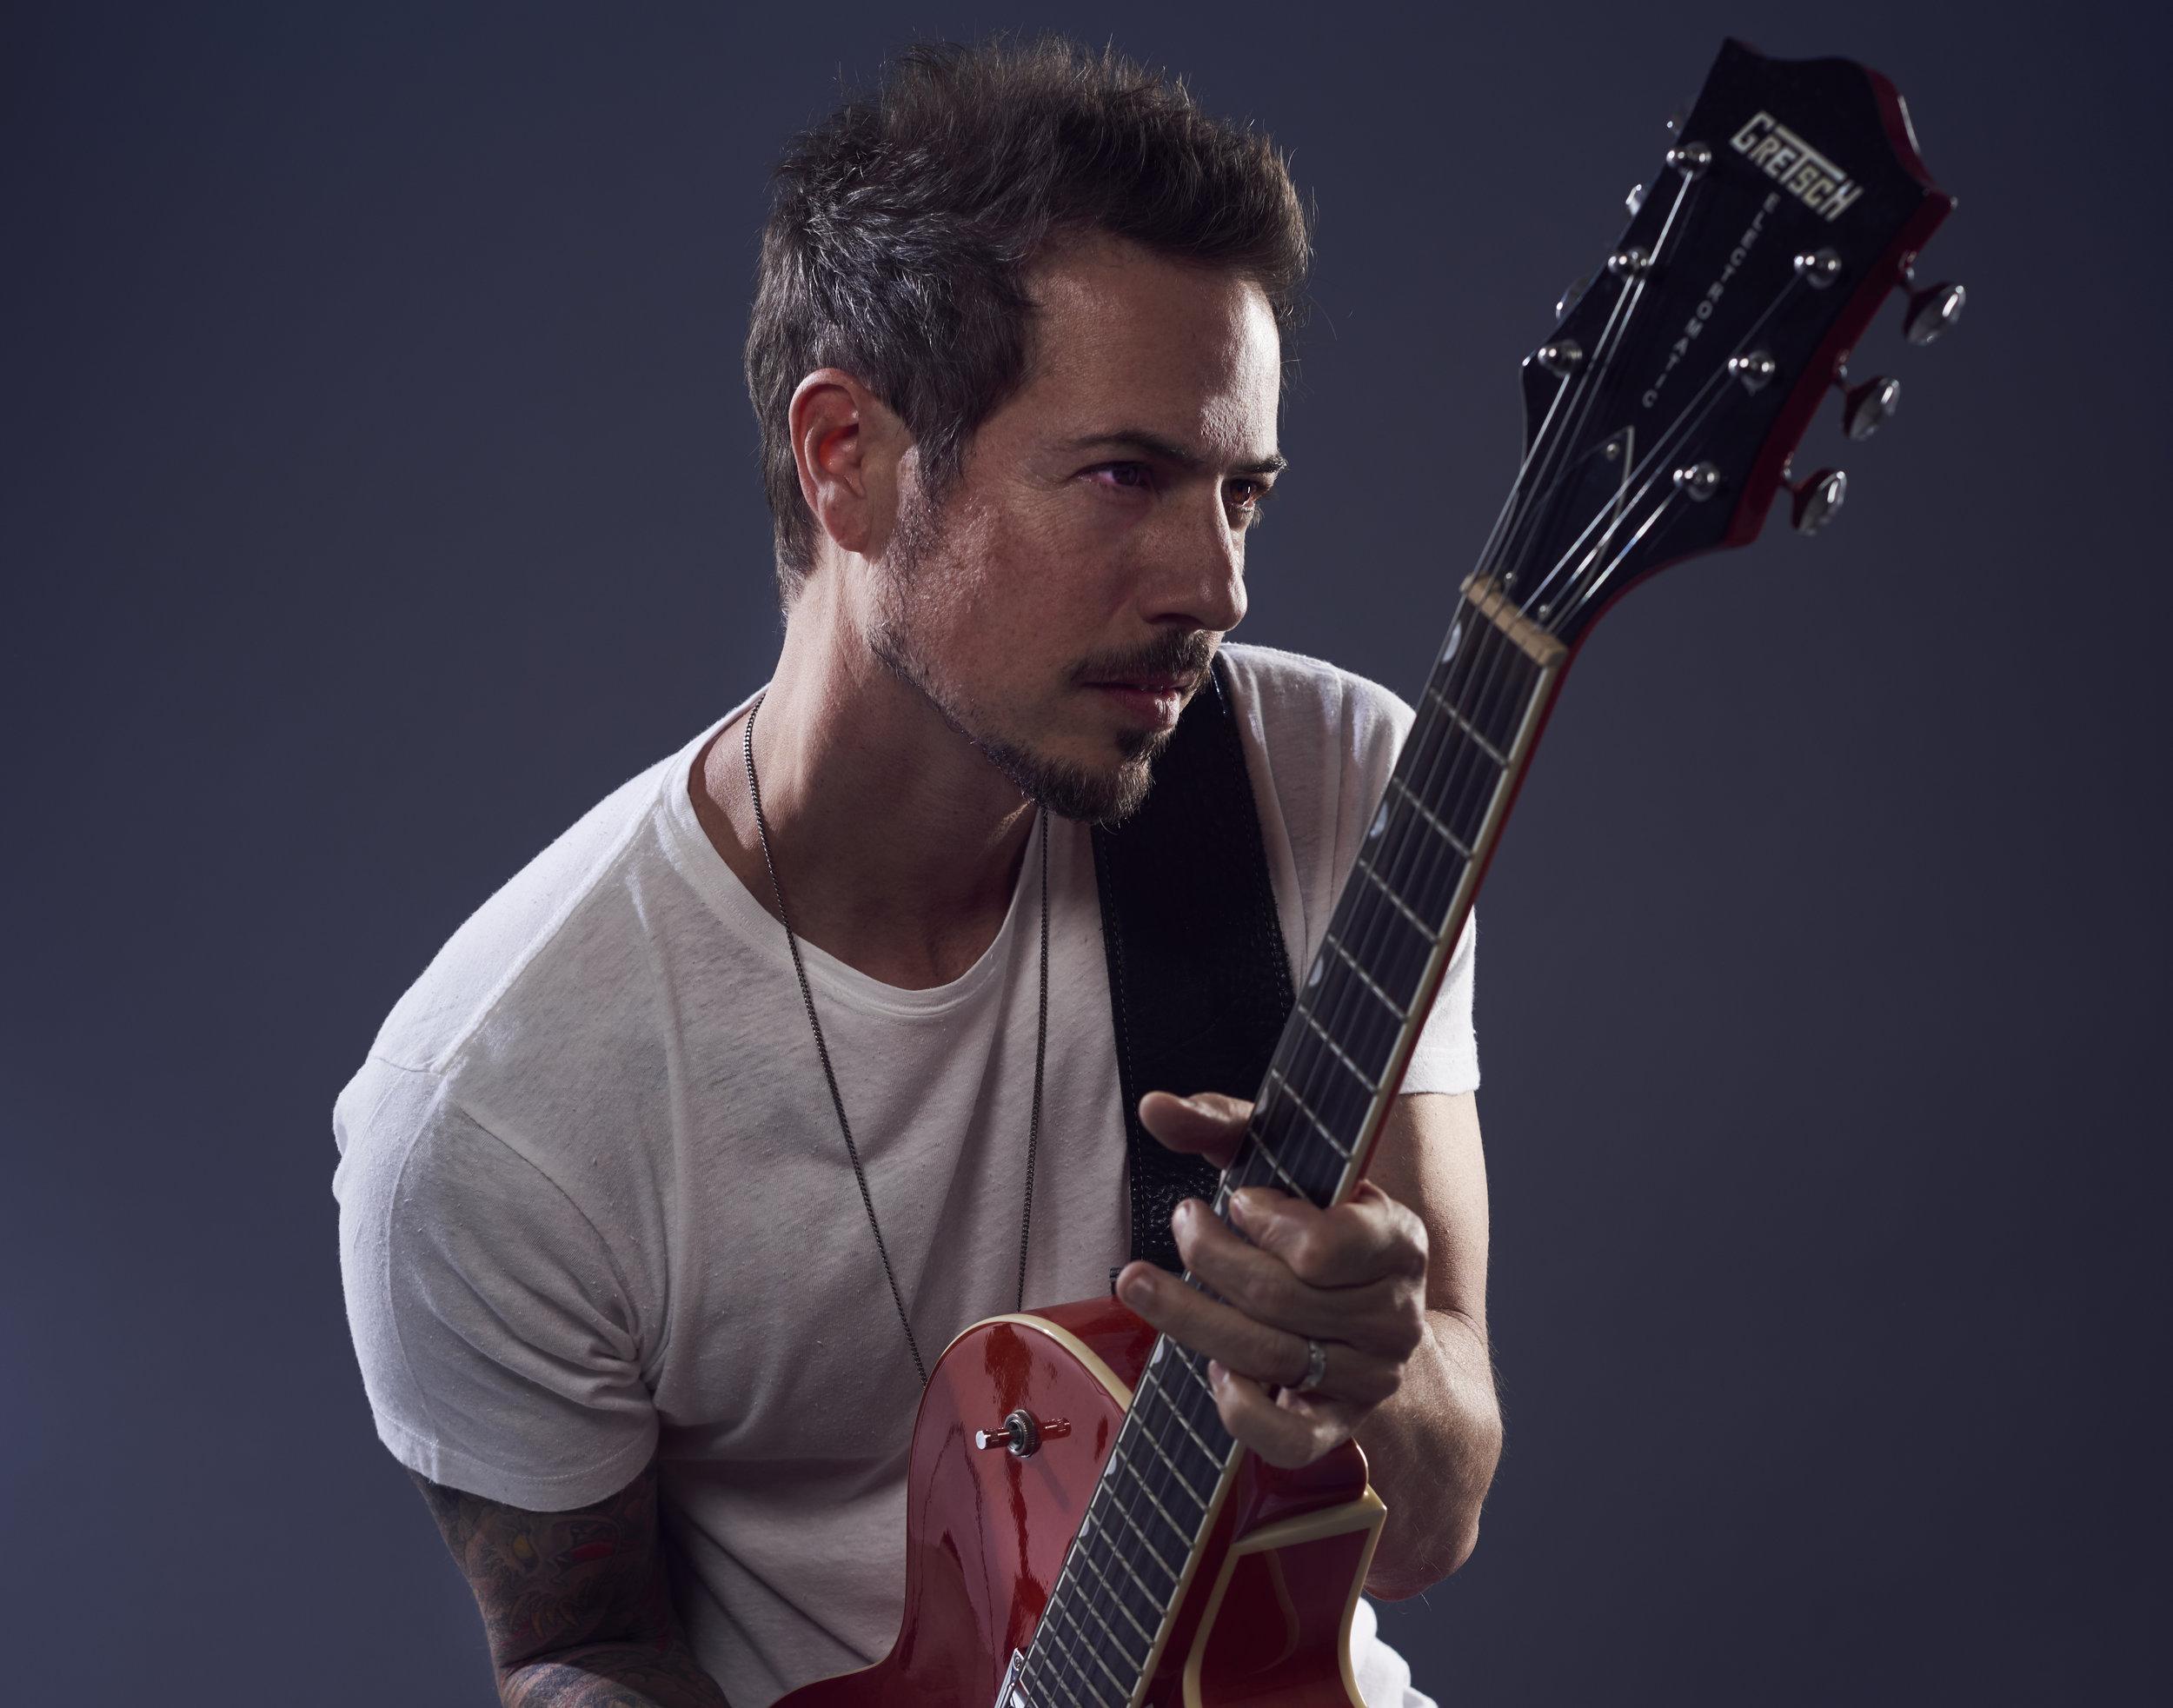 Jamie Alonge Guitar Shot Horizontal.jpg